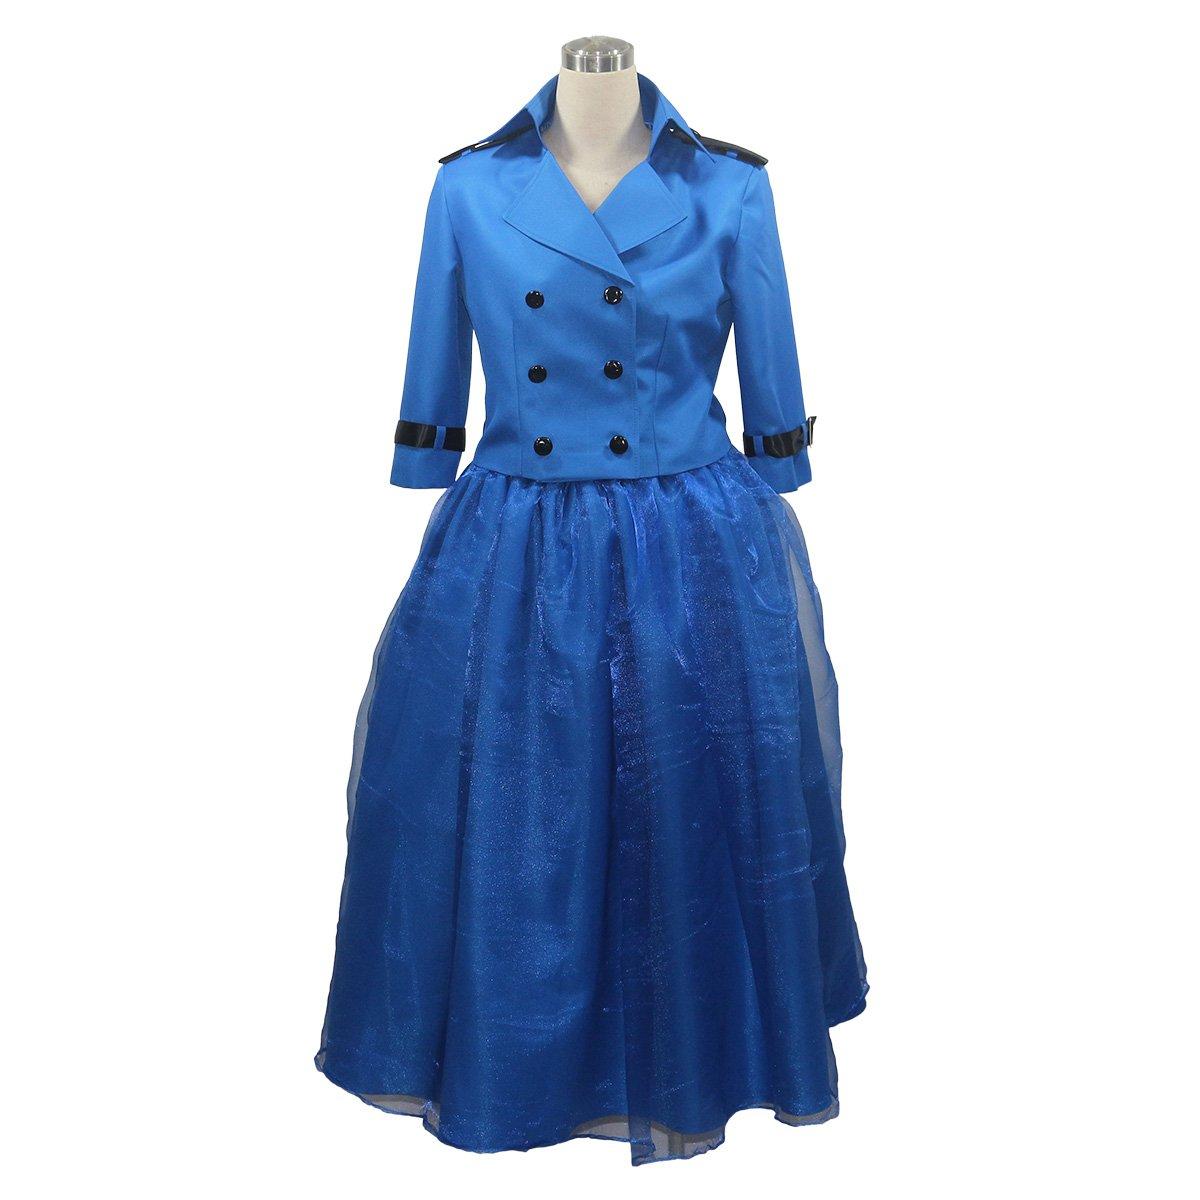 【ノーブランド品】5034安室奈美恵 25周年 finally アート コスプレ衣装(男性XL)   B07DC15R62